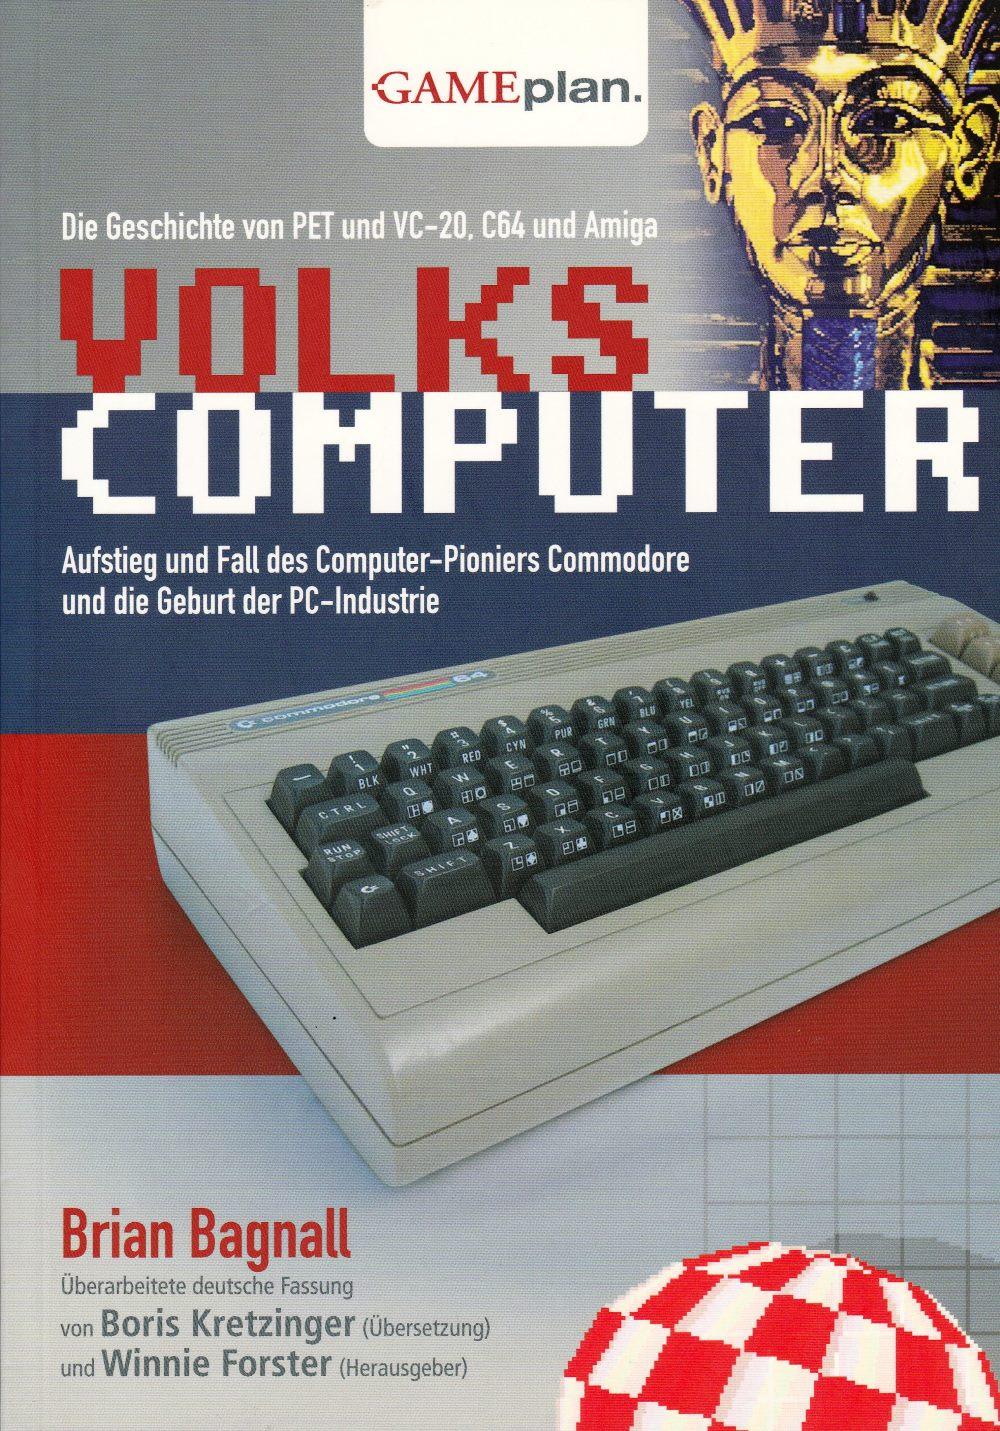 Volkscomputer. Aufstieg und Fall des Computer-Pioniers Commodore und die Geburt der PC-Industrie